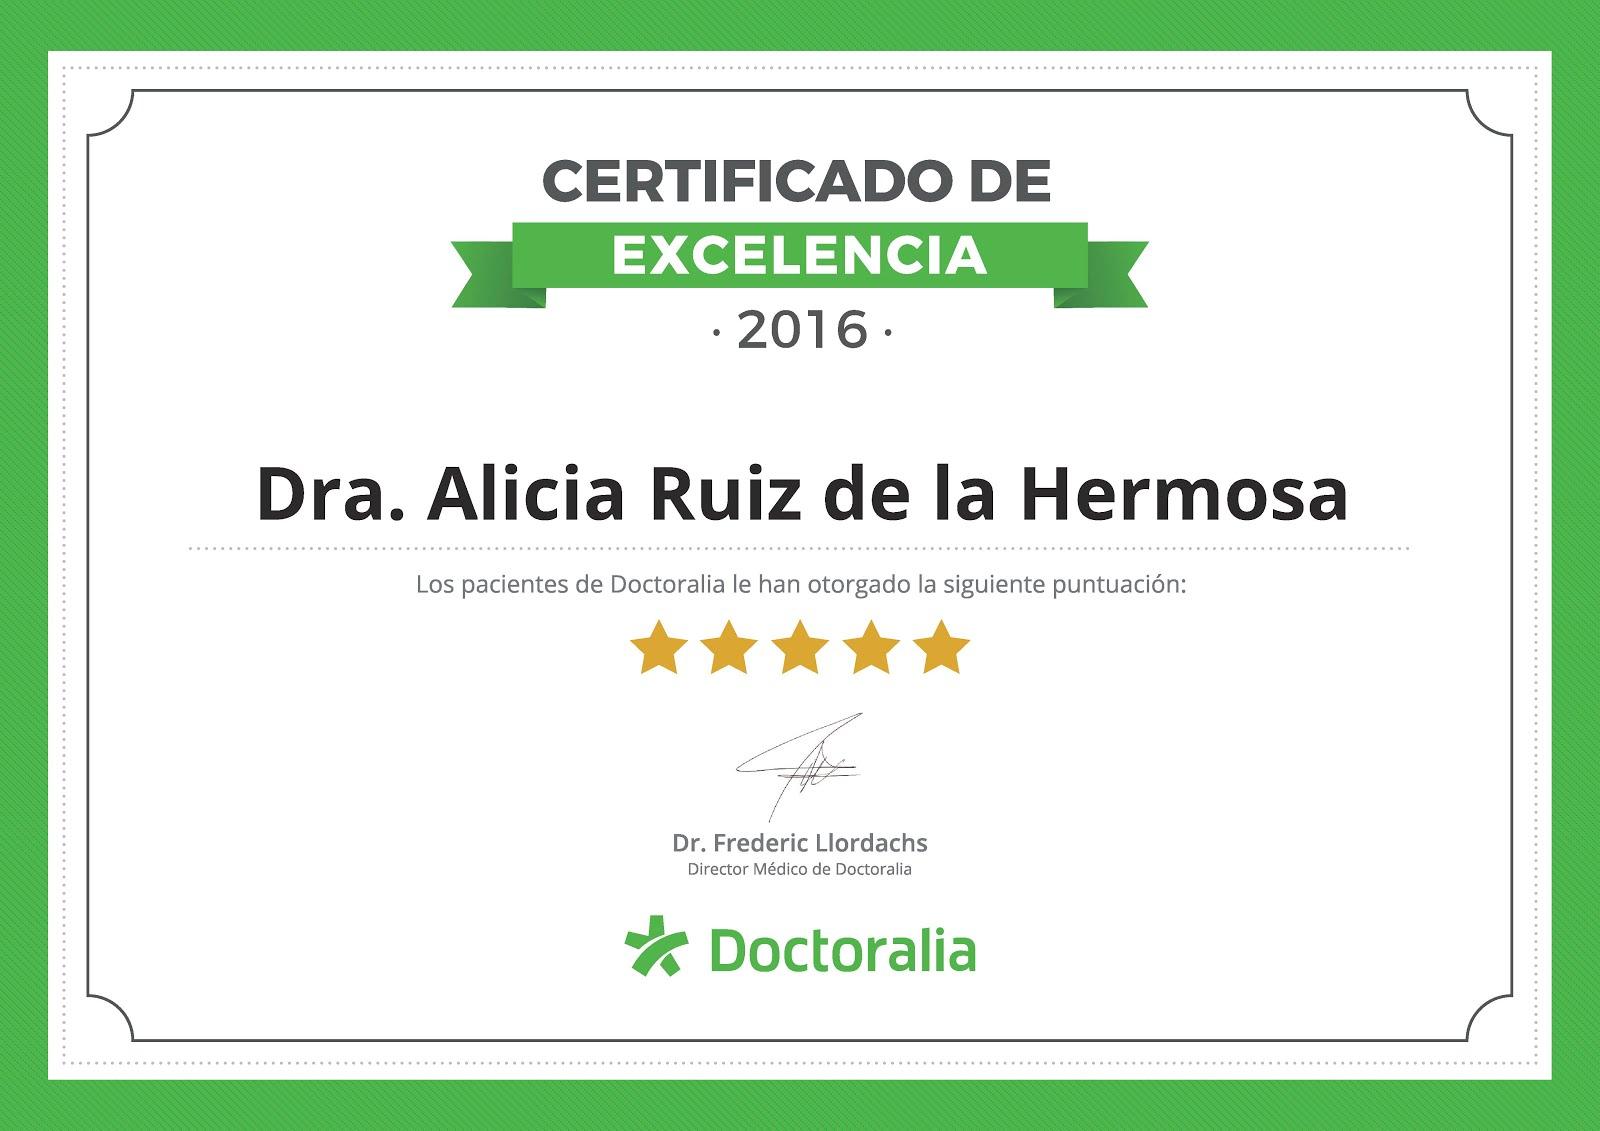 Certificado de Excelencia de Doctoralia